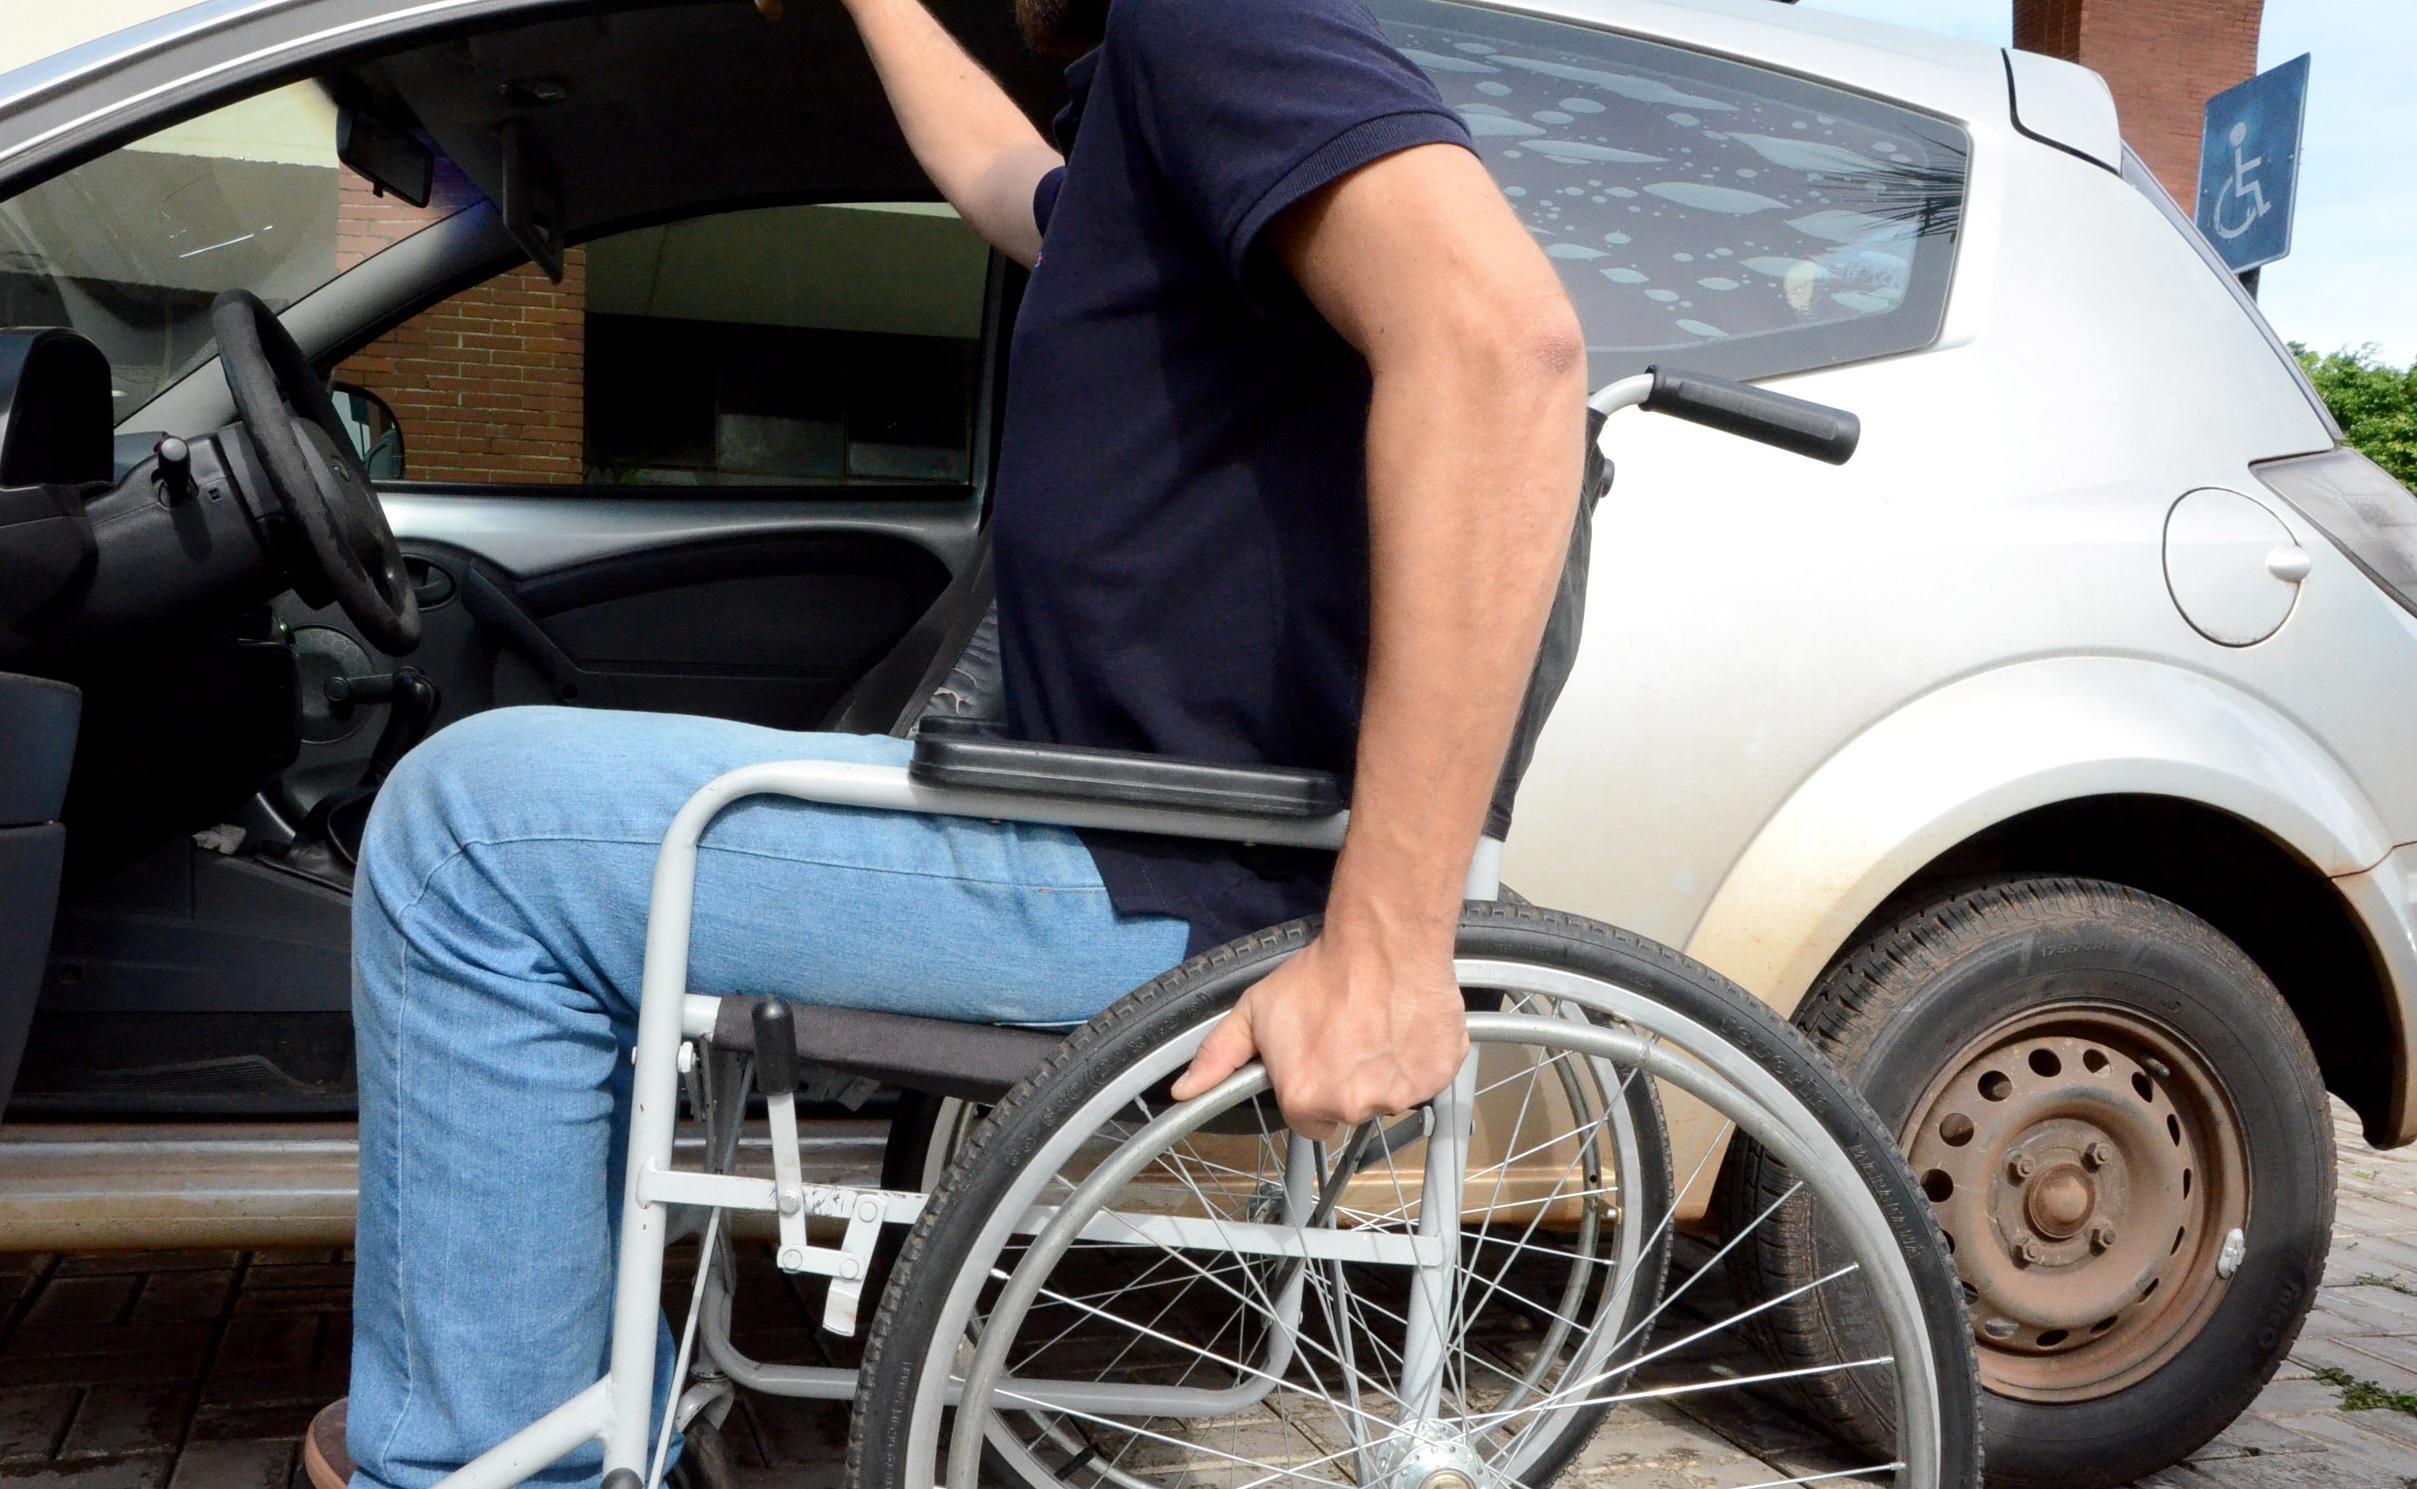 538 pessoas com deficiência adquiriram veículos isentos de impostos no Tocantins